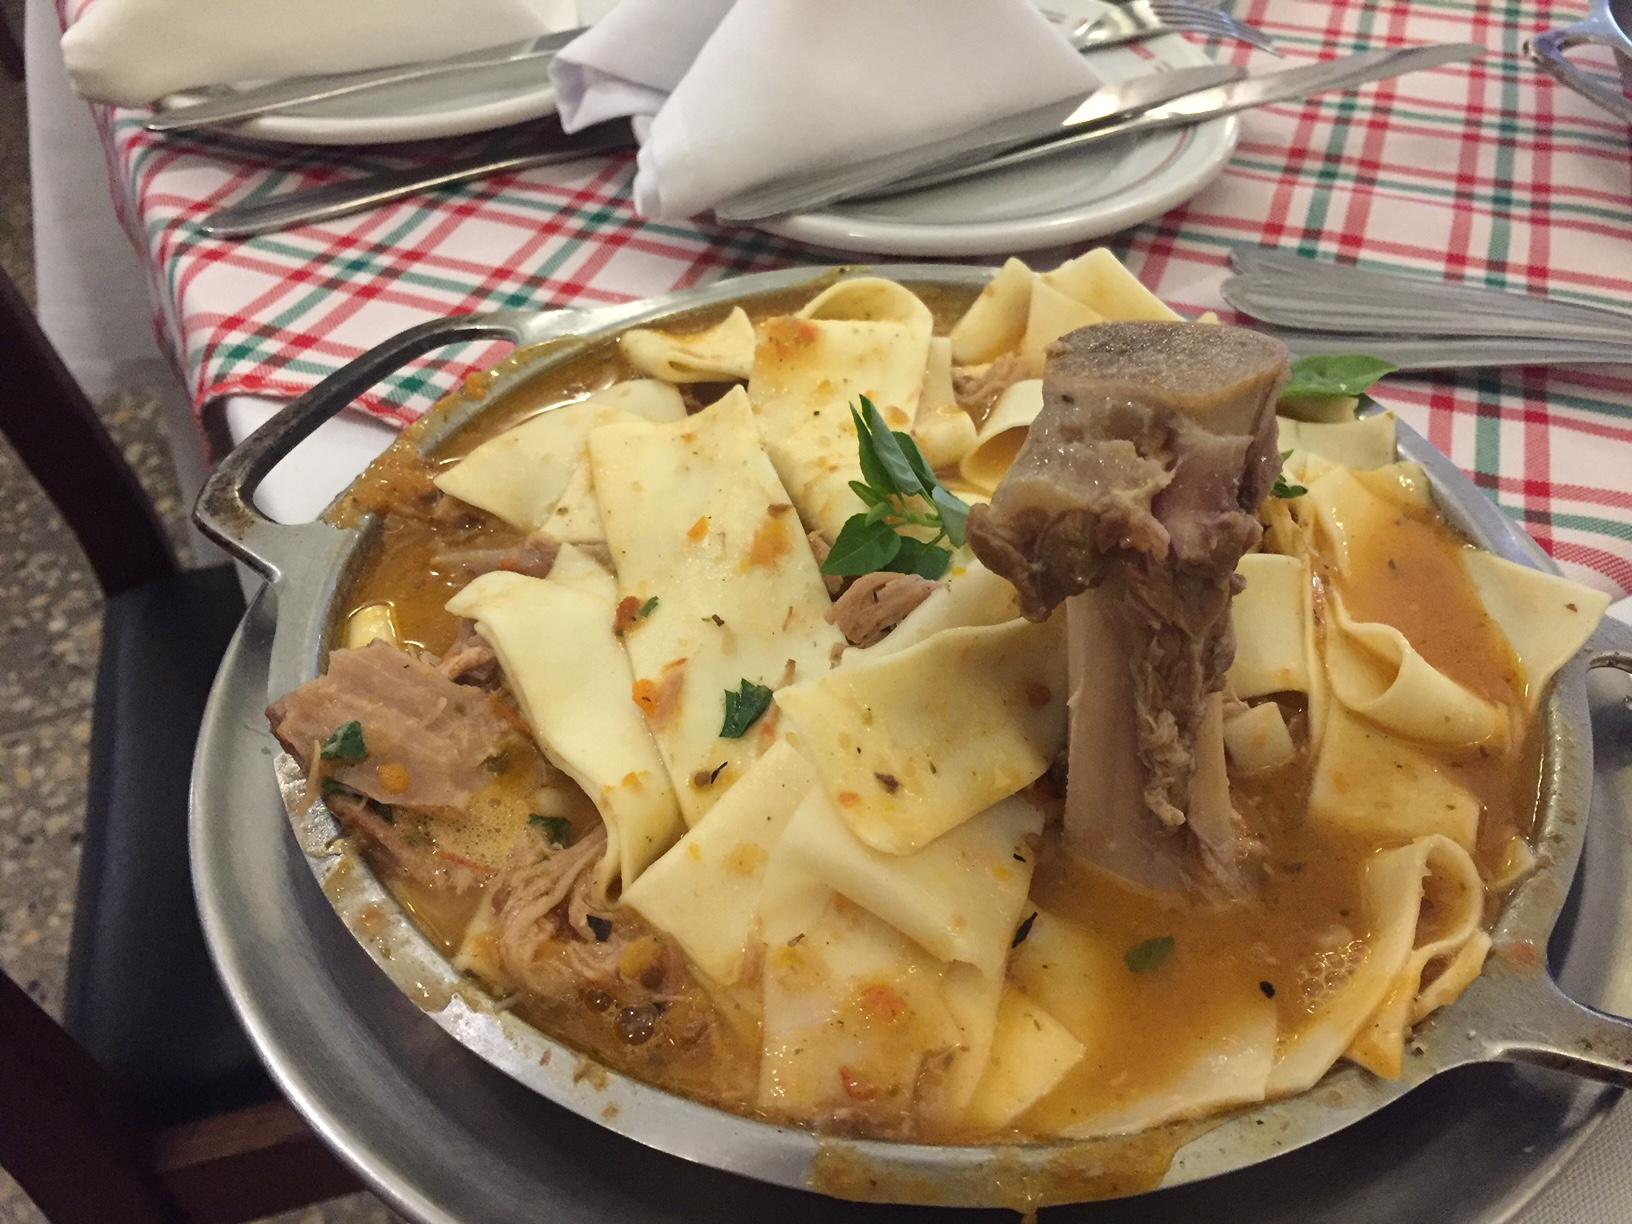 Gostosa servindo no restaurante cuzuda - 3 6